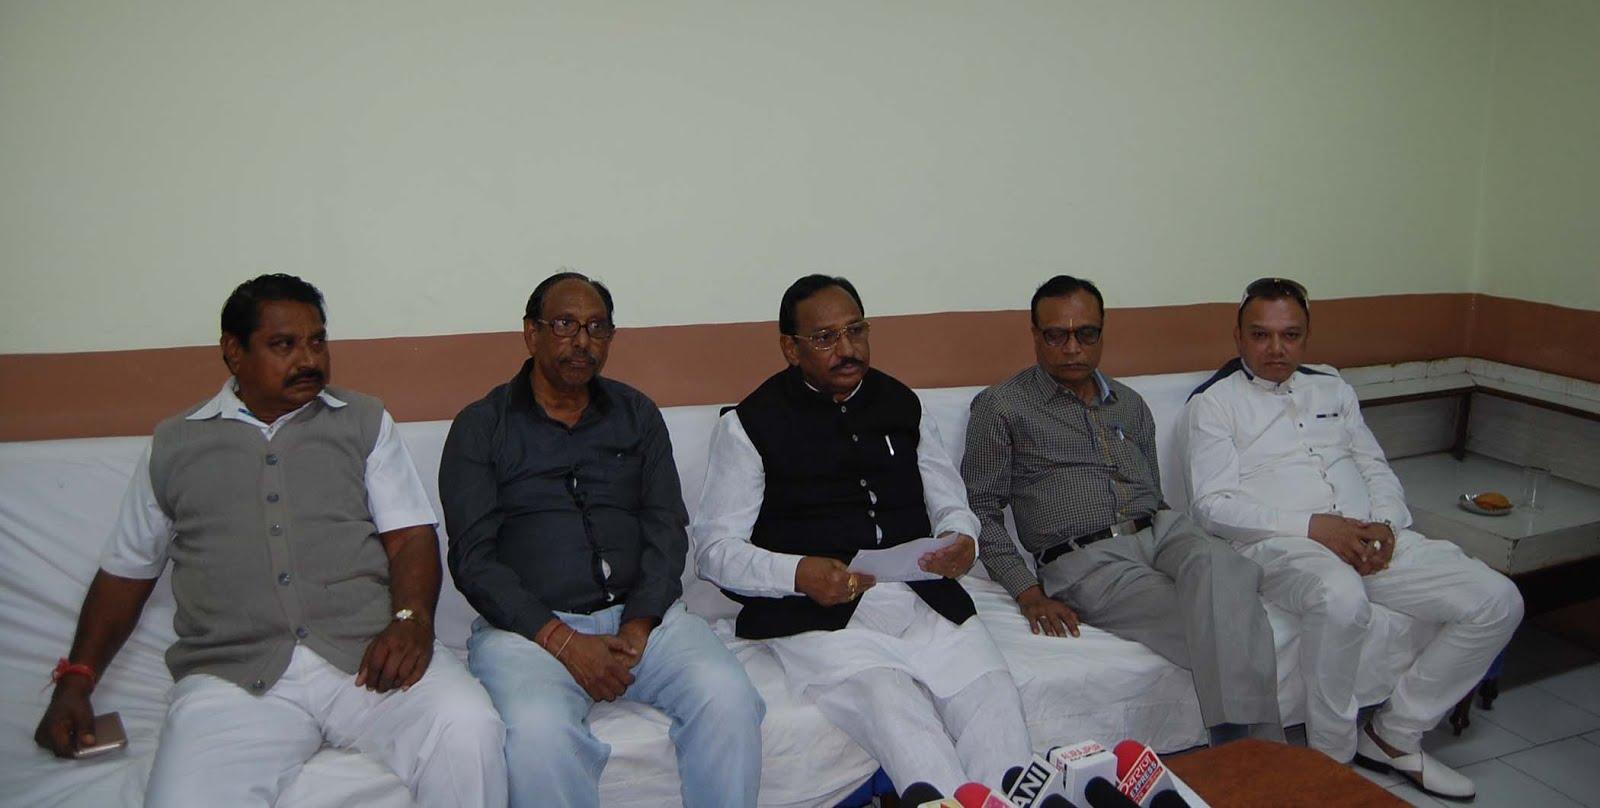 शिवराज सरकार के 12 वर्षीय कार्यकाल को लेकर क्षेत्रीय सांसद भूरिया ने की प्रेस-कान्फ्रेंस-Regional-MP-Bhuria-press-conference-on-the-12-year-tenure-of-Shivraj-Sarkar